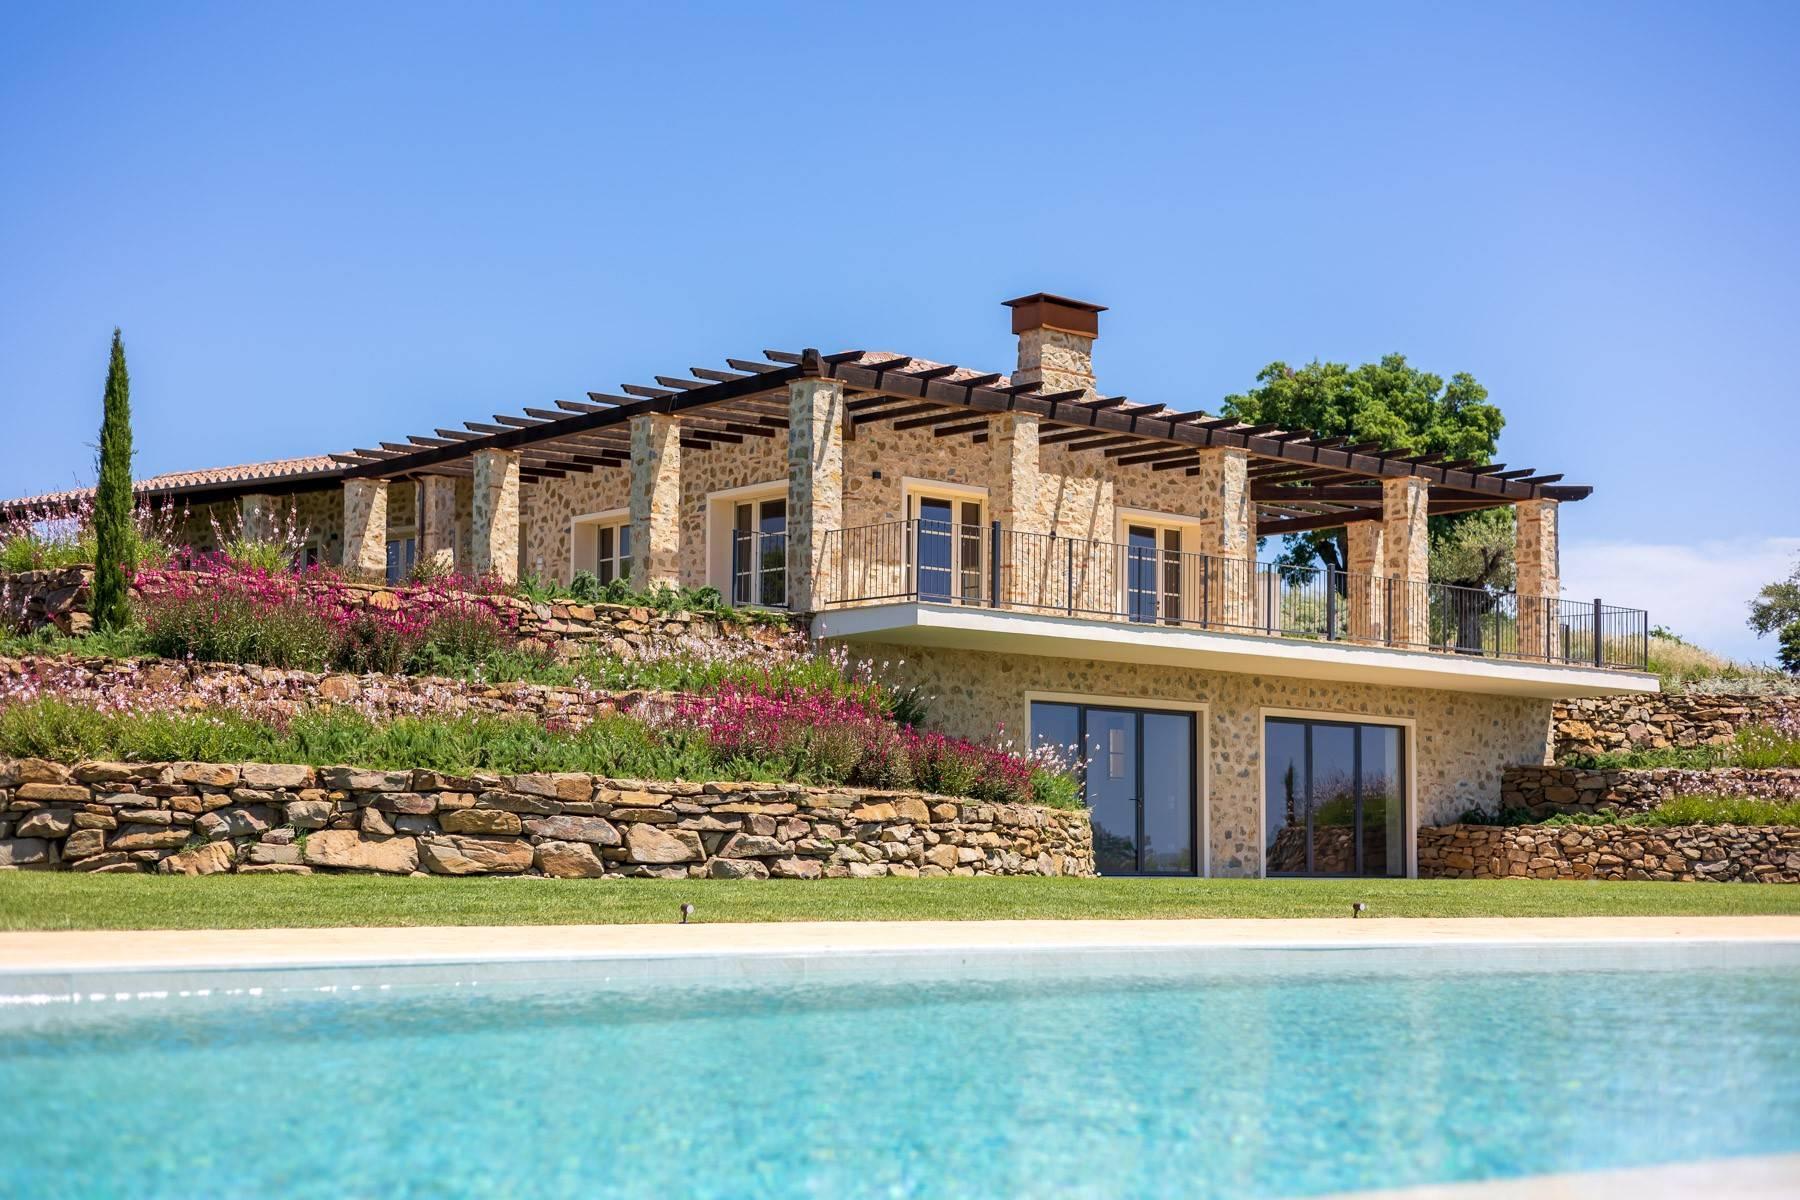 Esclusivo casale di nuova costruzione con piscina vista mare - 6